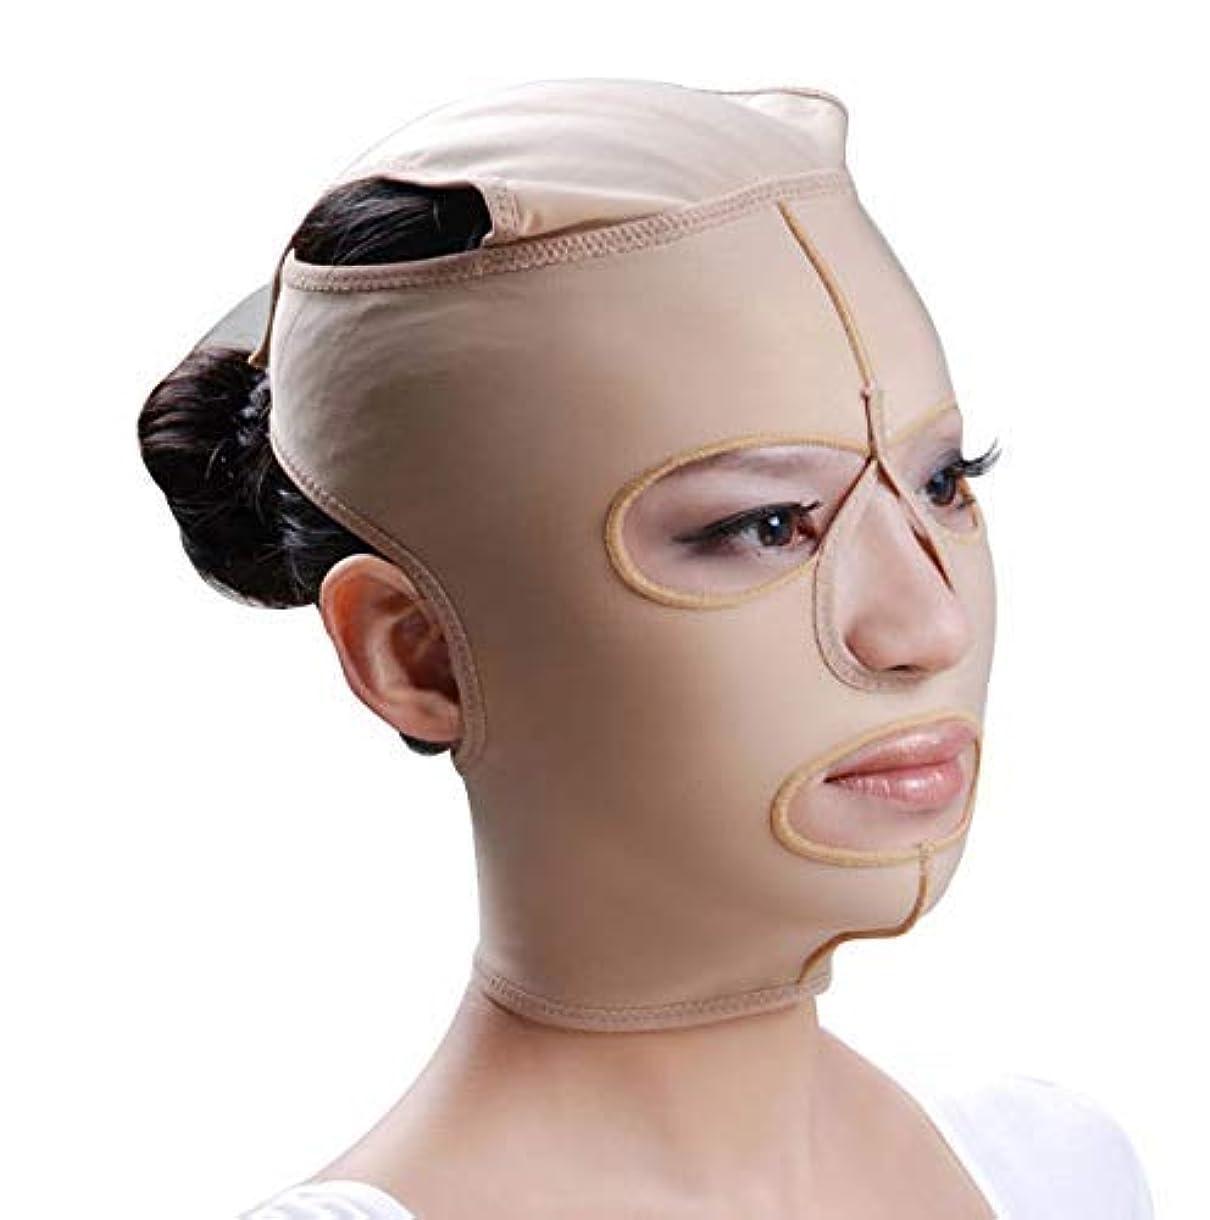 注入する酸トランスミッションファーミングフェイスマスク、フェイシャルマスクエラスティックフェイスリフティングリフティングファーミングパターンマイクロフィニッシングポストモデリングコンプレッションフェイスマスク(サイズ:S),M